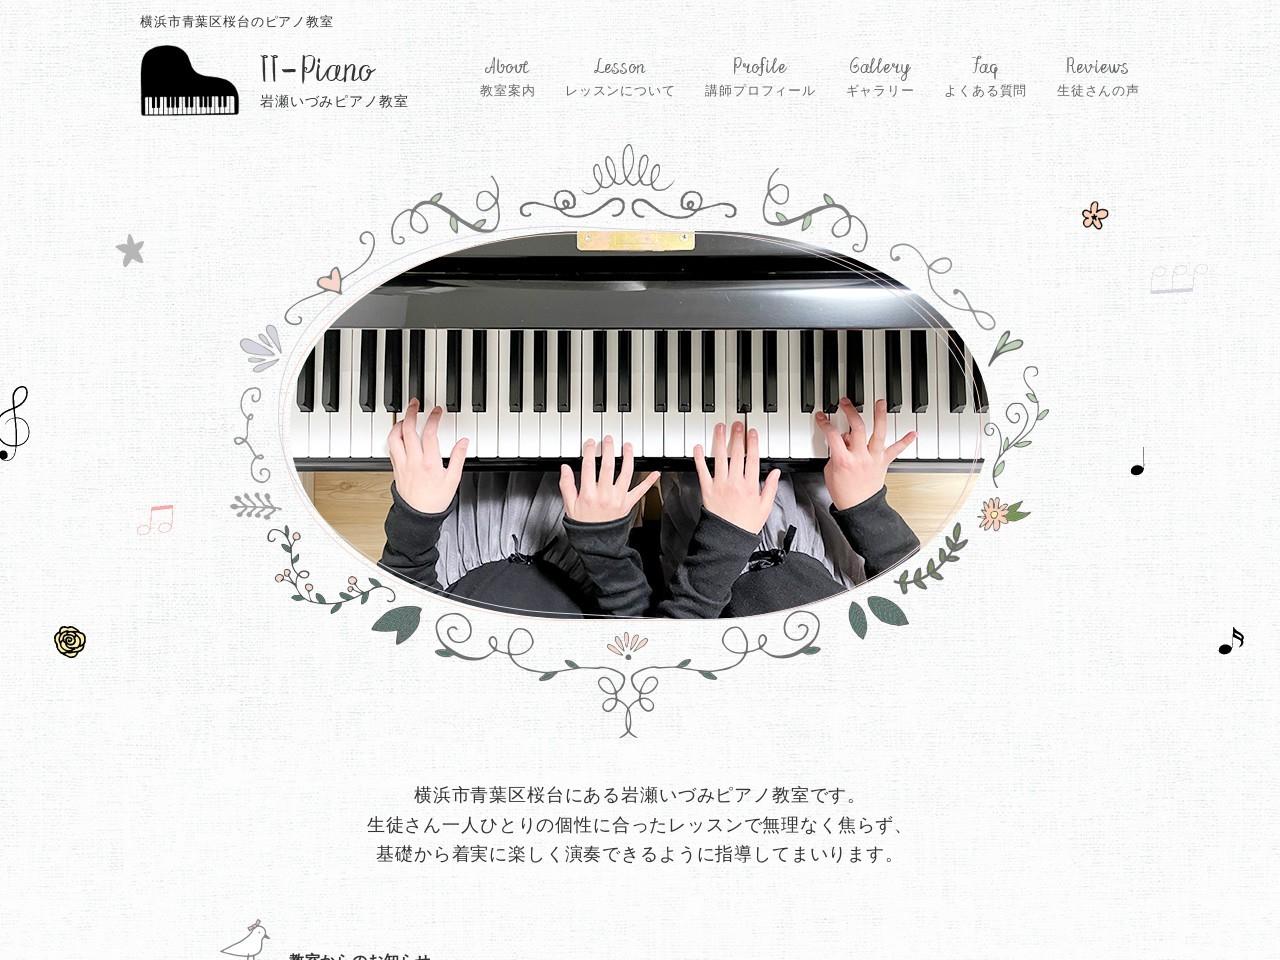 岩瀬いづみピアノ教室のサムネイル